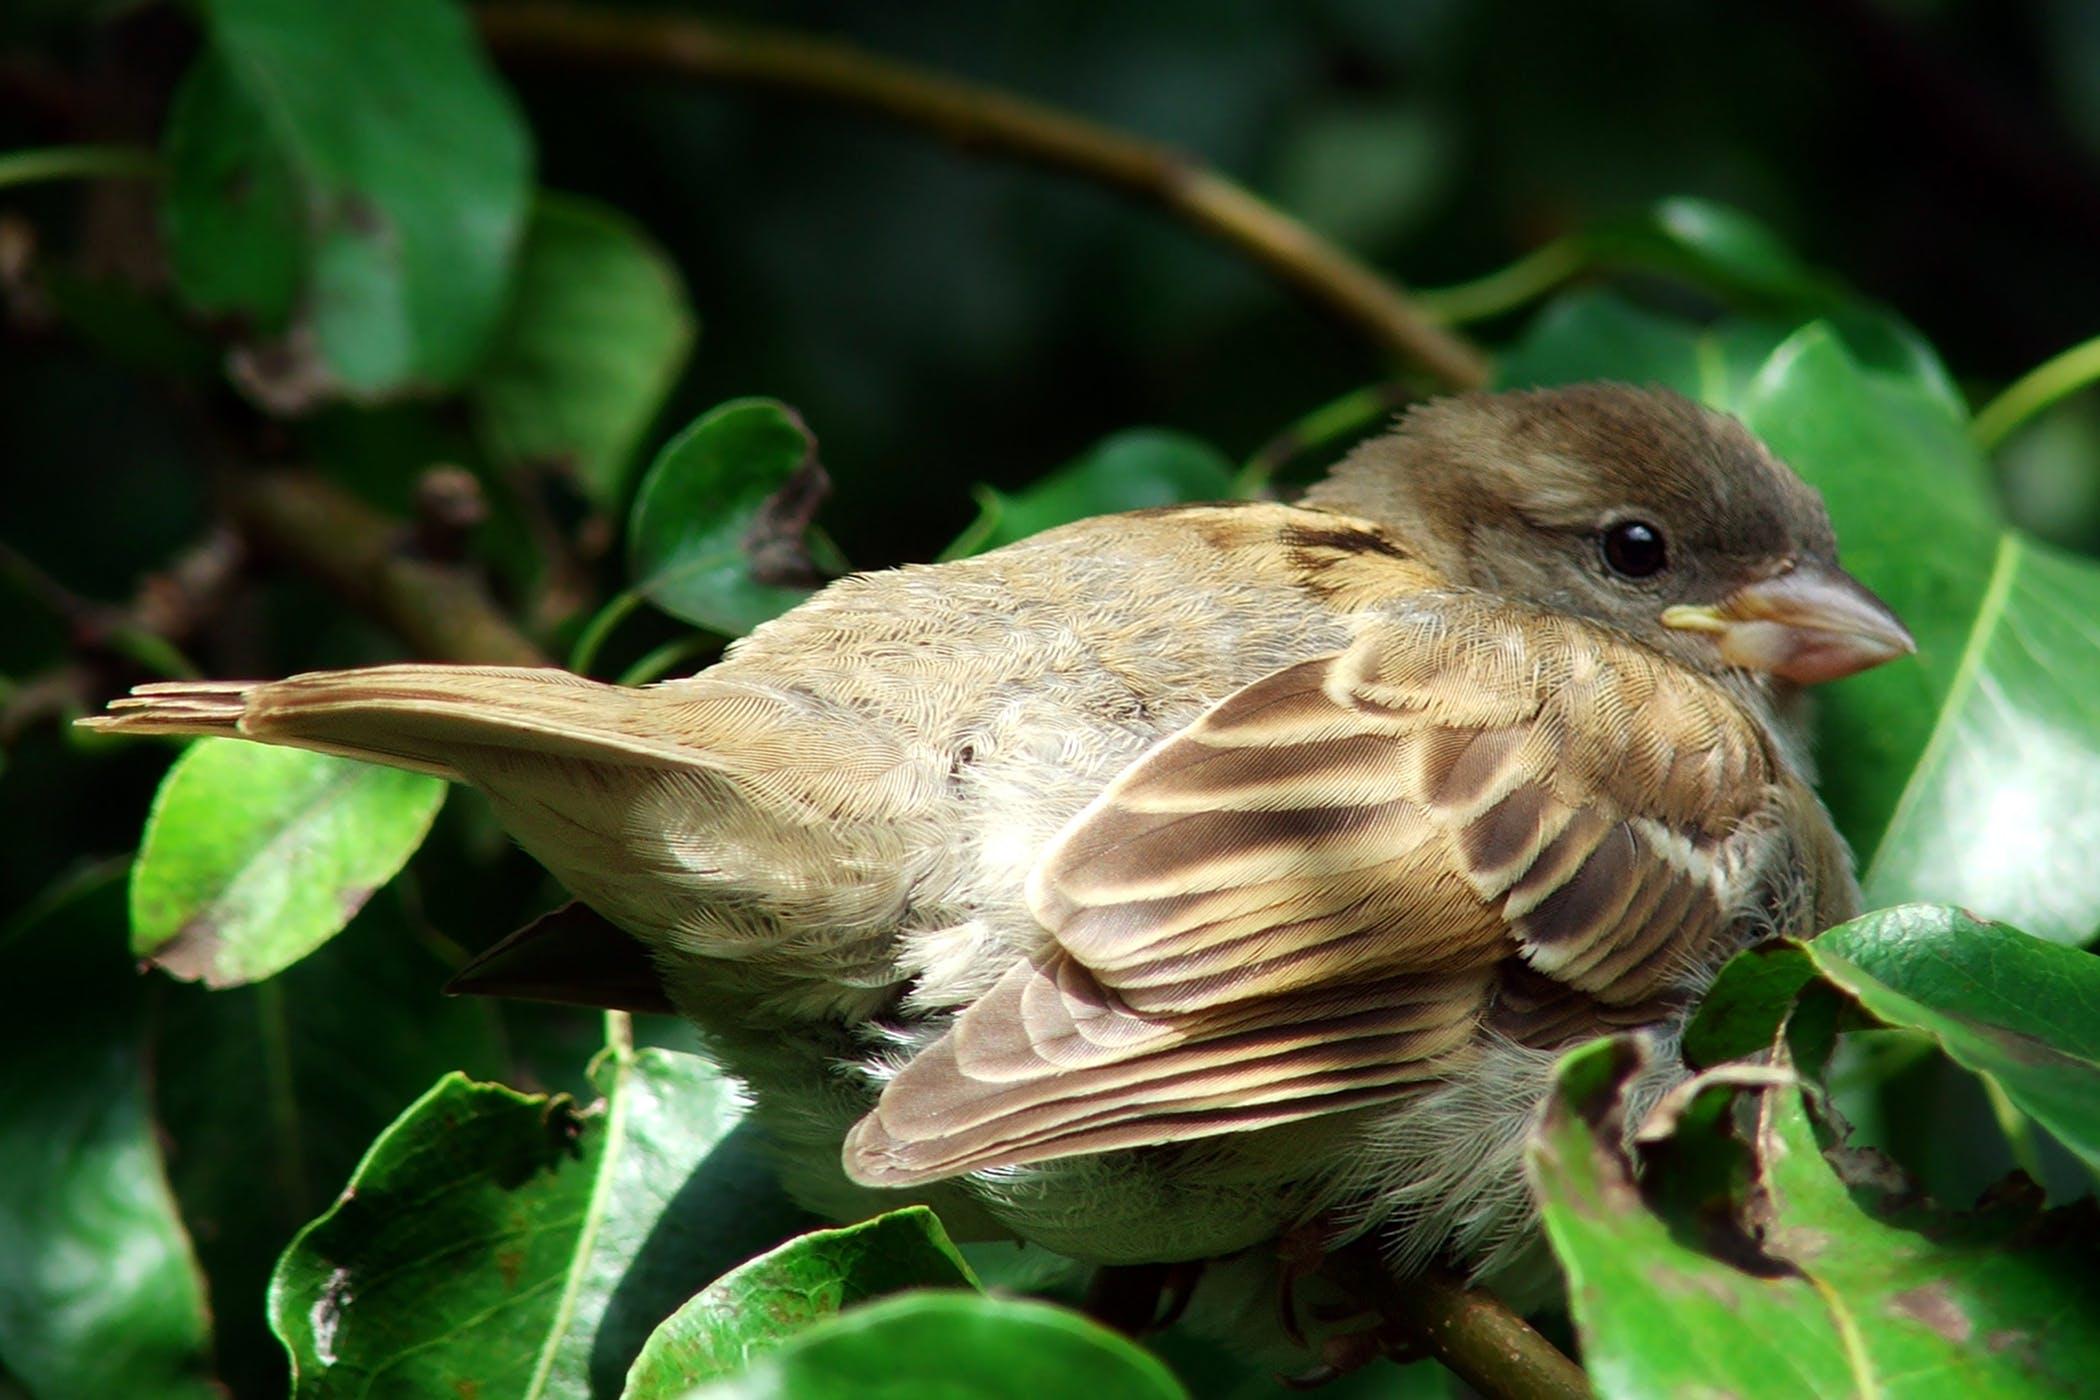 Coccidiosis in Birds - Symptoms, Causes, Diagnosis